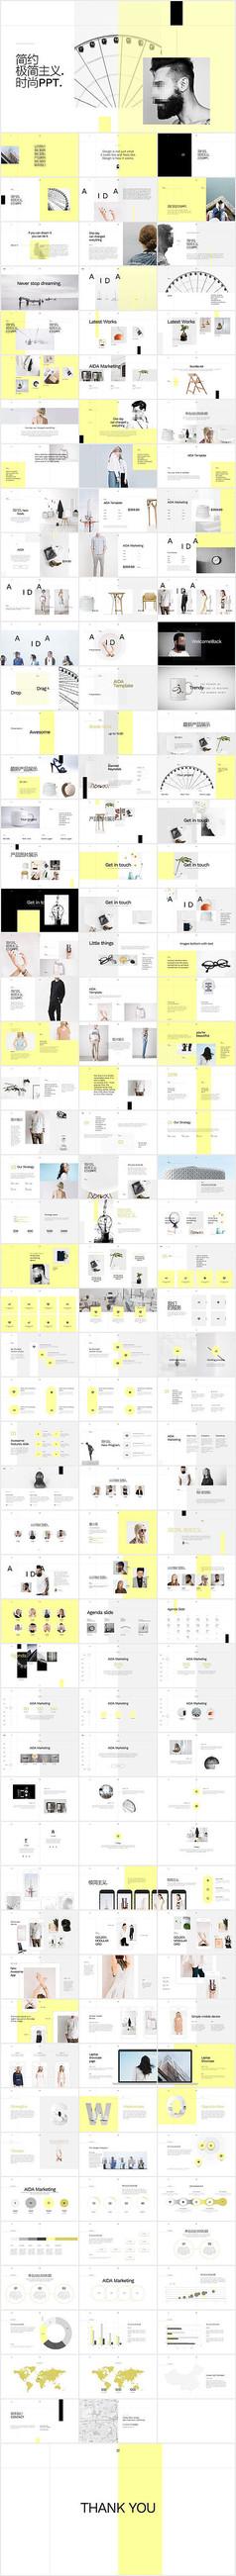 2017極簡主義品牌宣傳時尚設計ppt模板